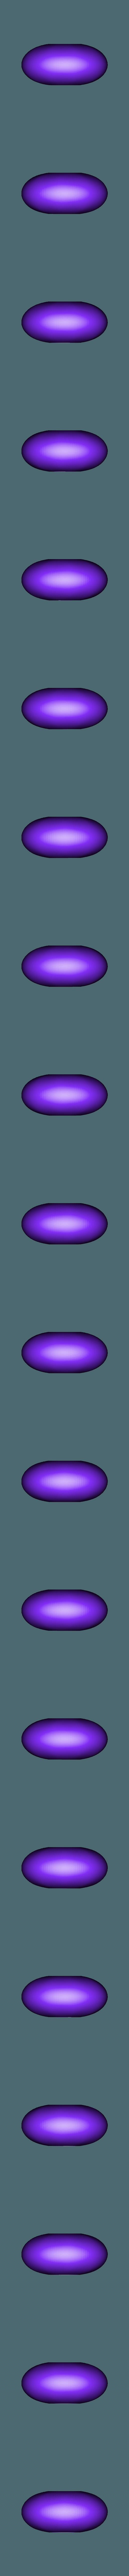 3-Base-Plate-Neck-Base.stl Download free STL file Bath and Body Works - Candle Holder (10cm Ø) • 3D print design, crisonescu